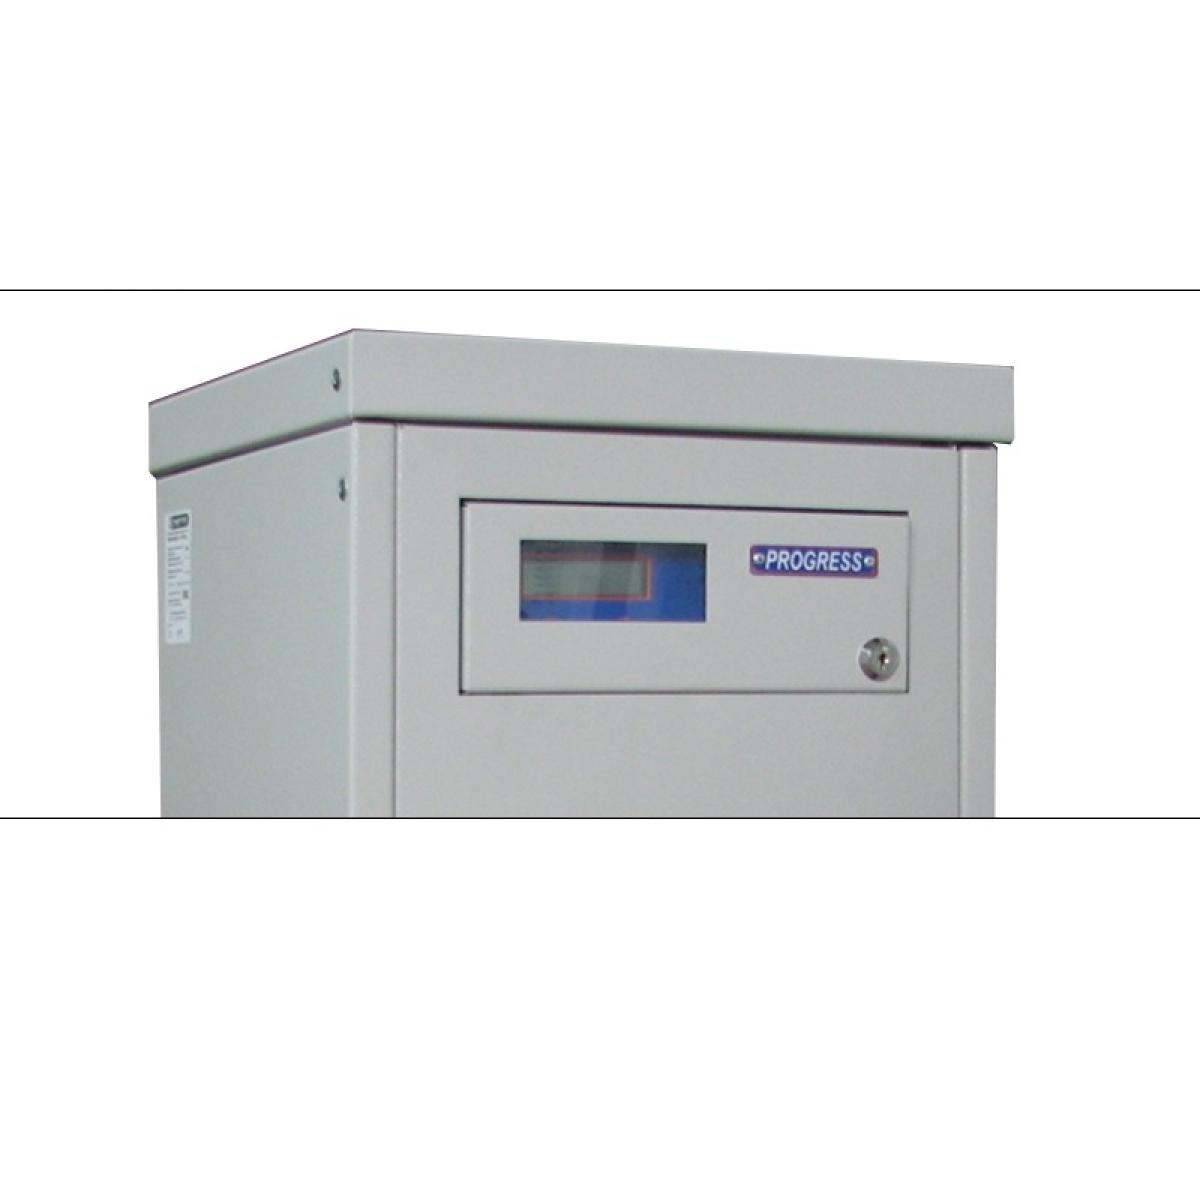 Трехфазный стабилизатор PROGRESS 45000L-3, дисплей